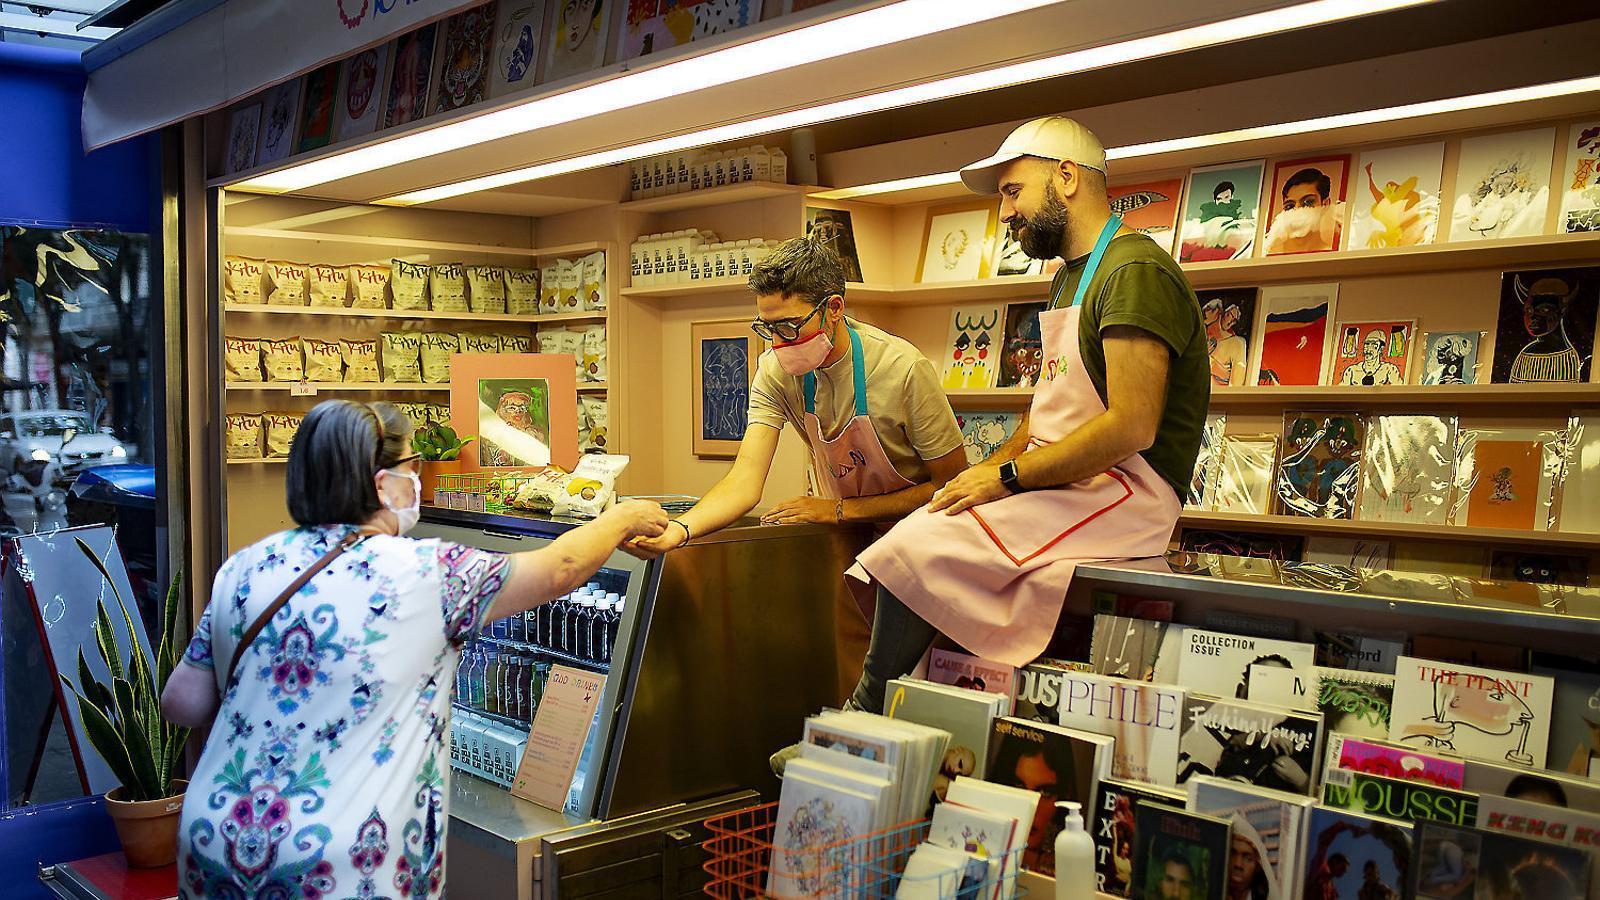 L'Odd Kiosk és al carrer València i està especialitzat  en publicacions de temàtica LGTBI